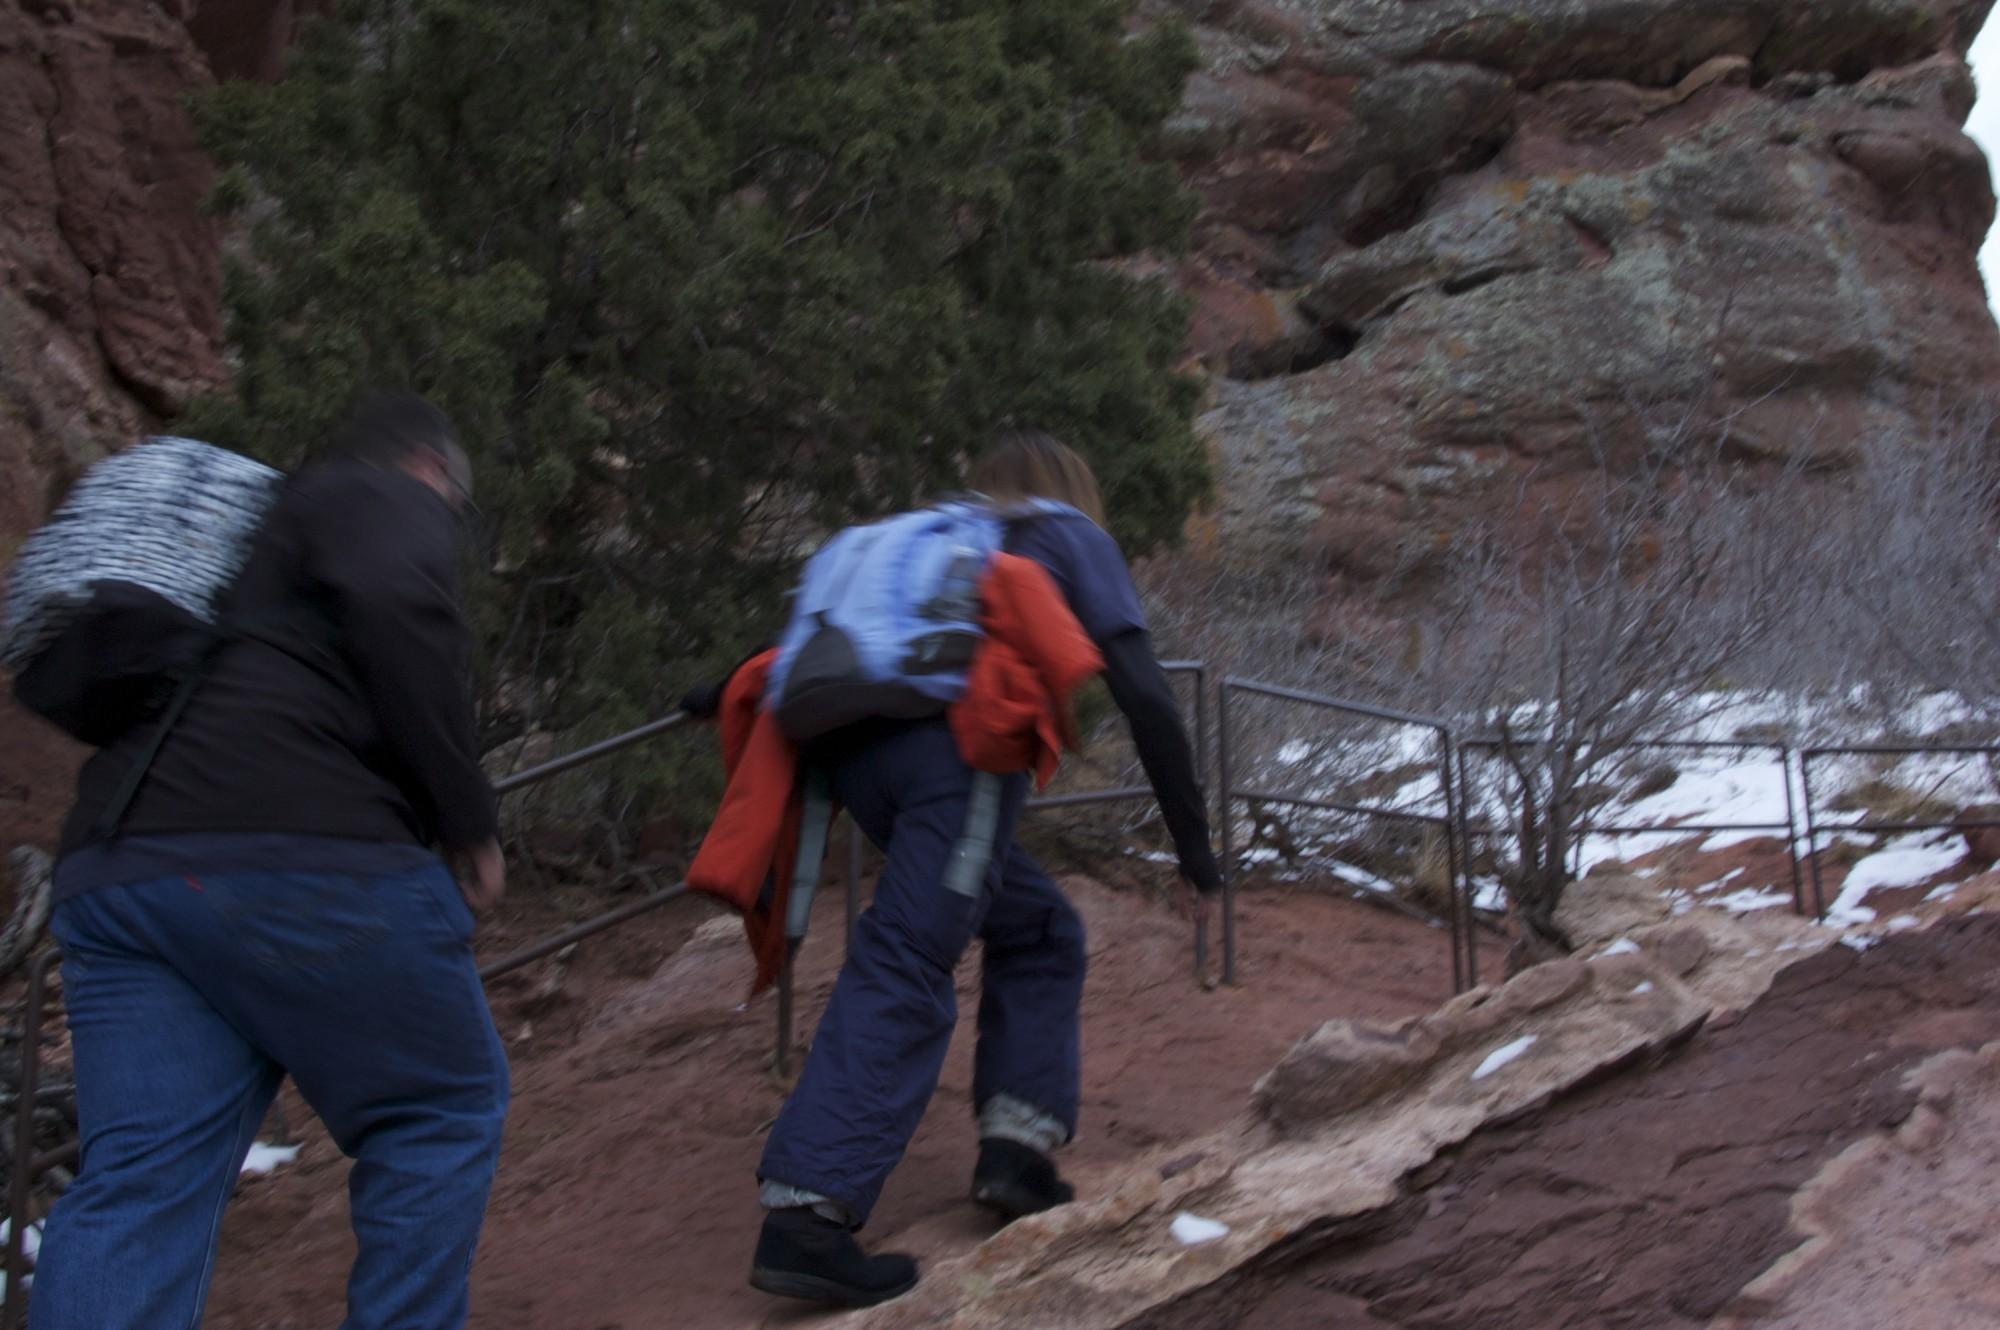 Beana and John going uphill